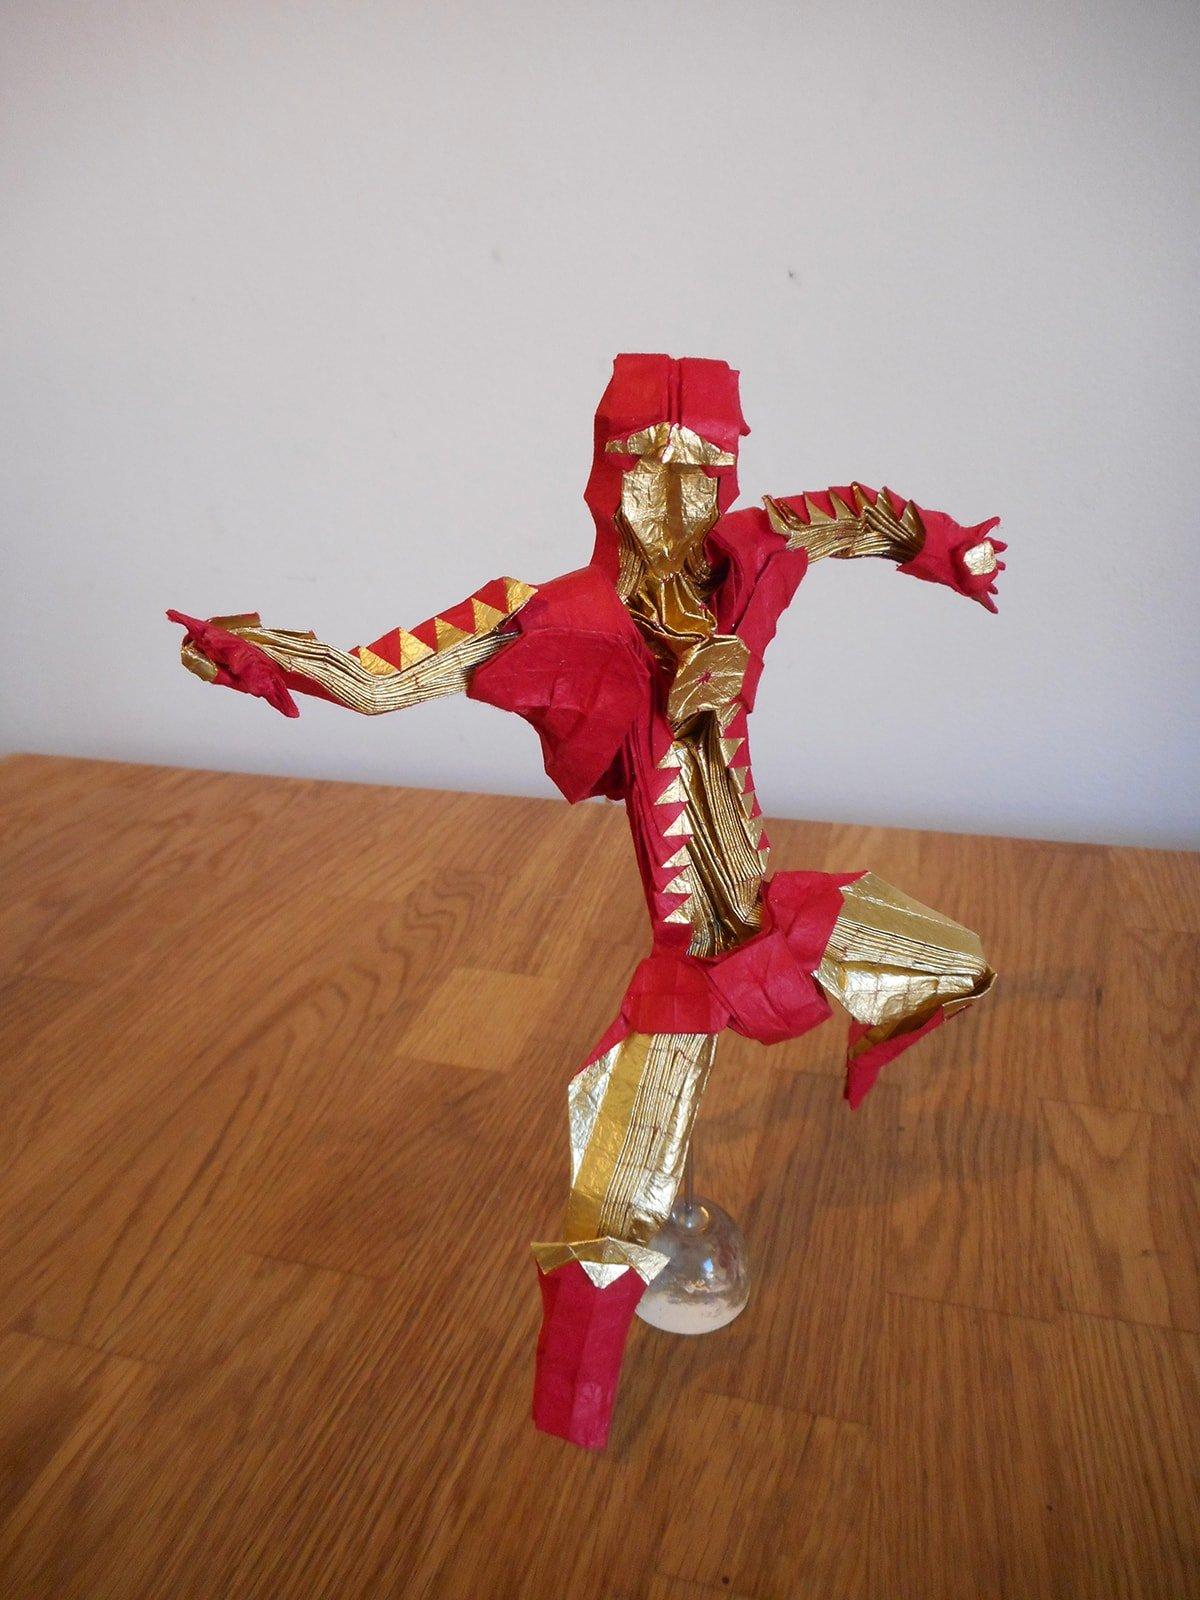 Ironman by Bart Davids